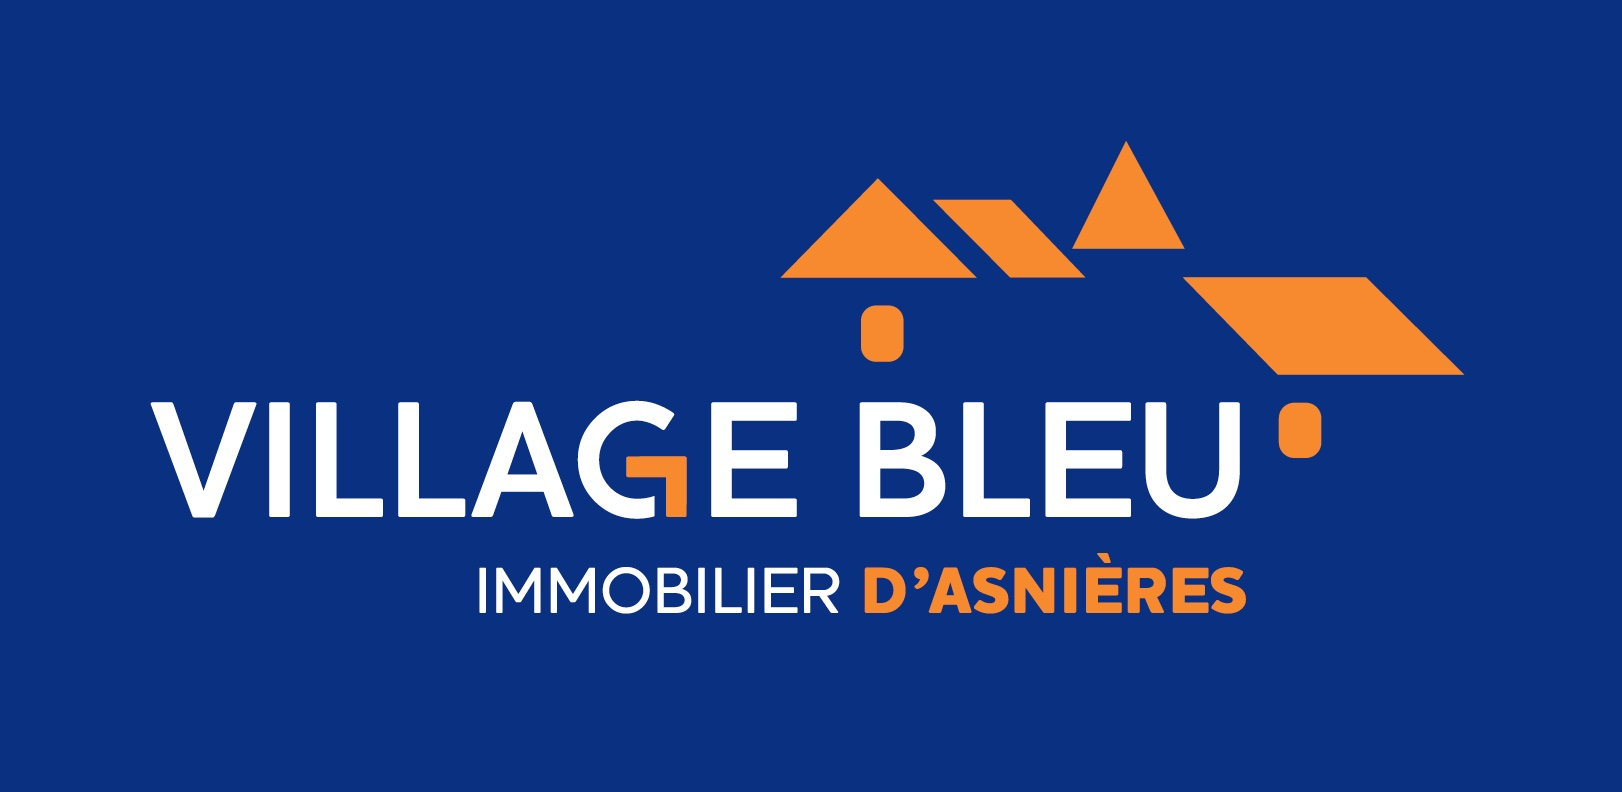 Village Bleu